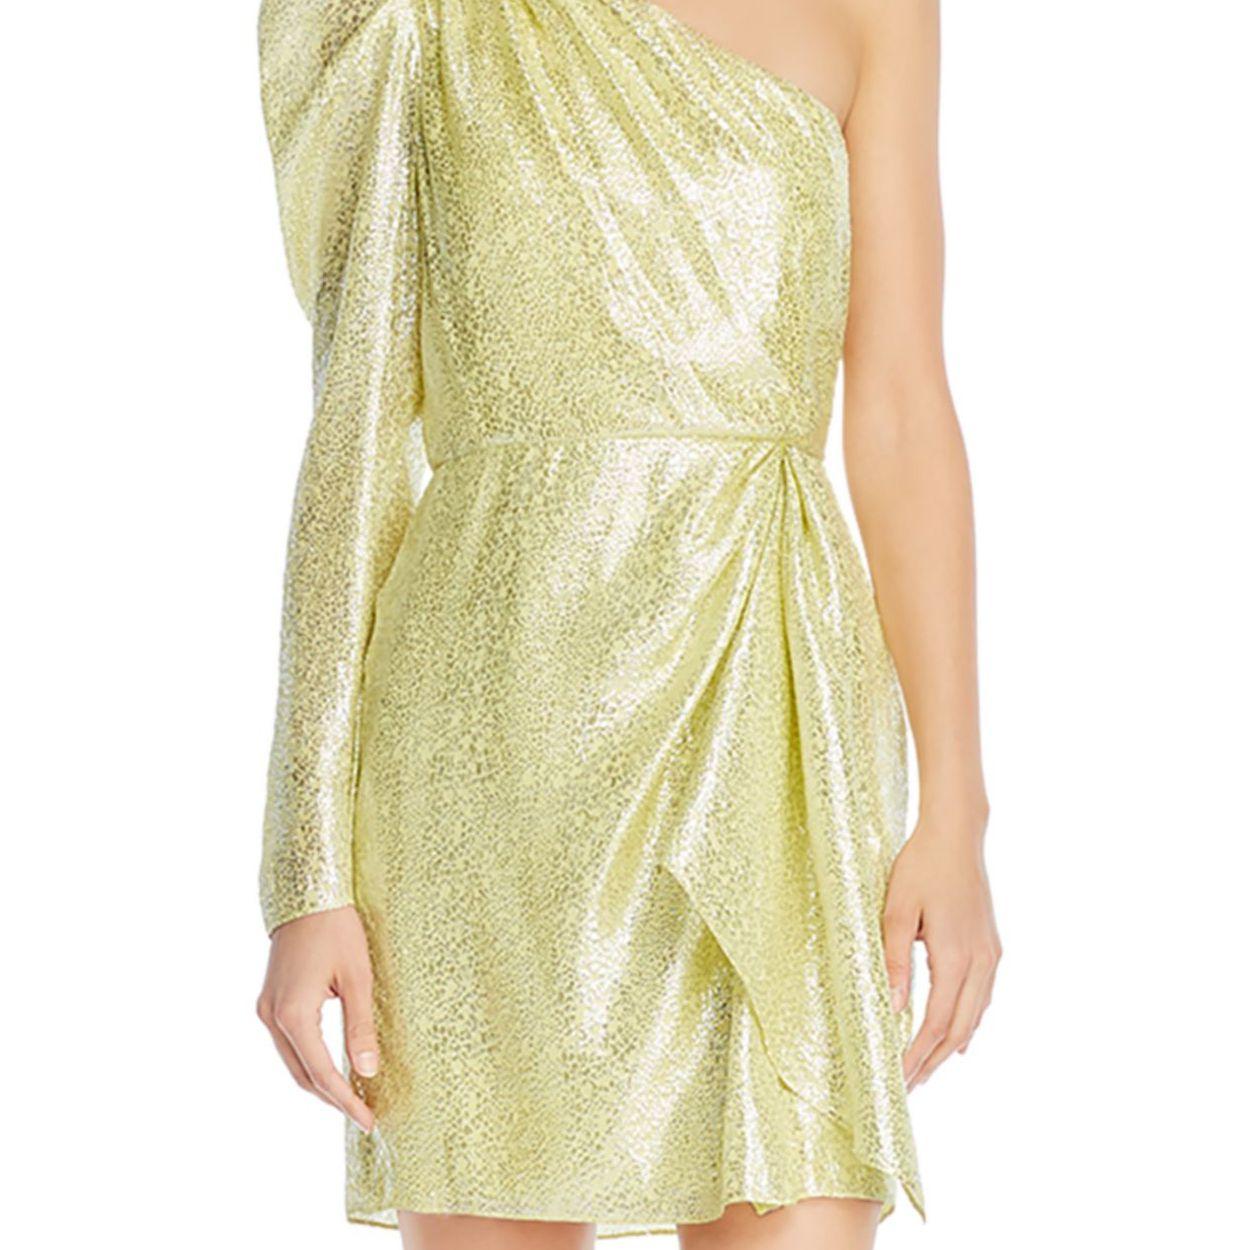 citron sparkle dress